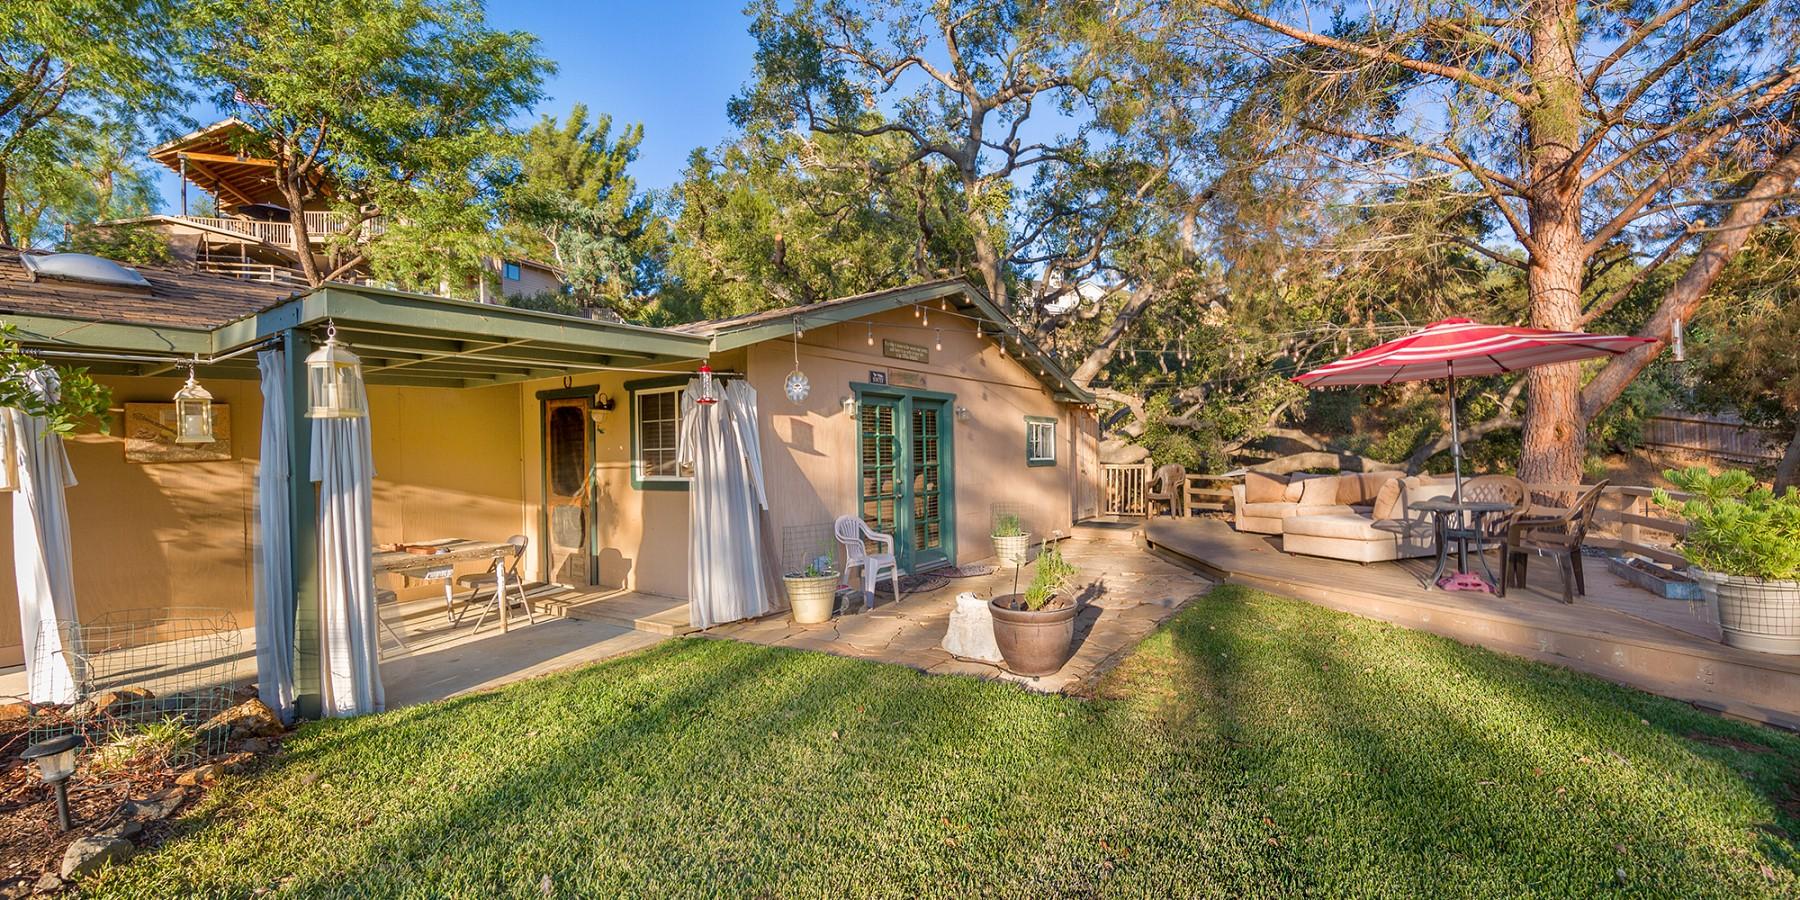 29984 Triunfo Dr, Agoura Hills, CA 91301